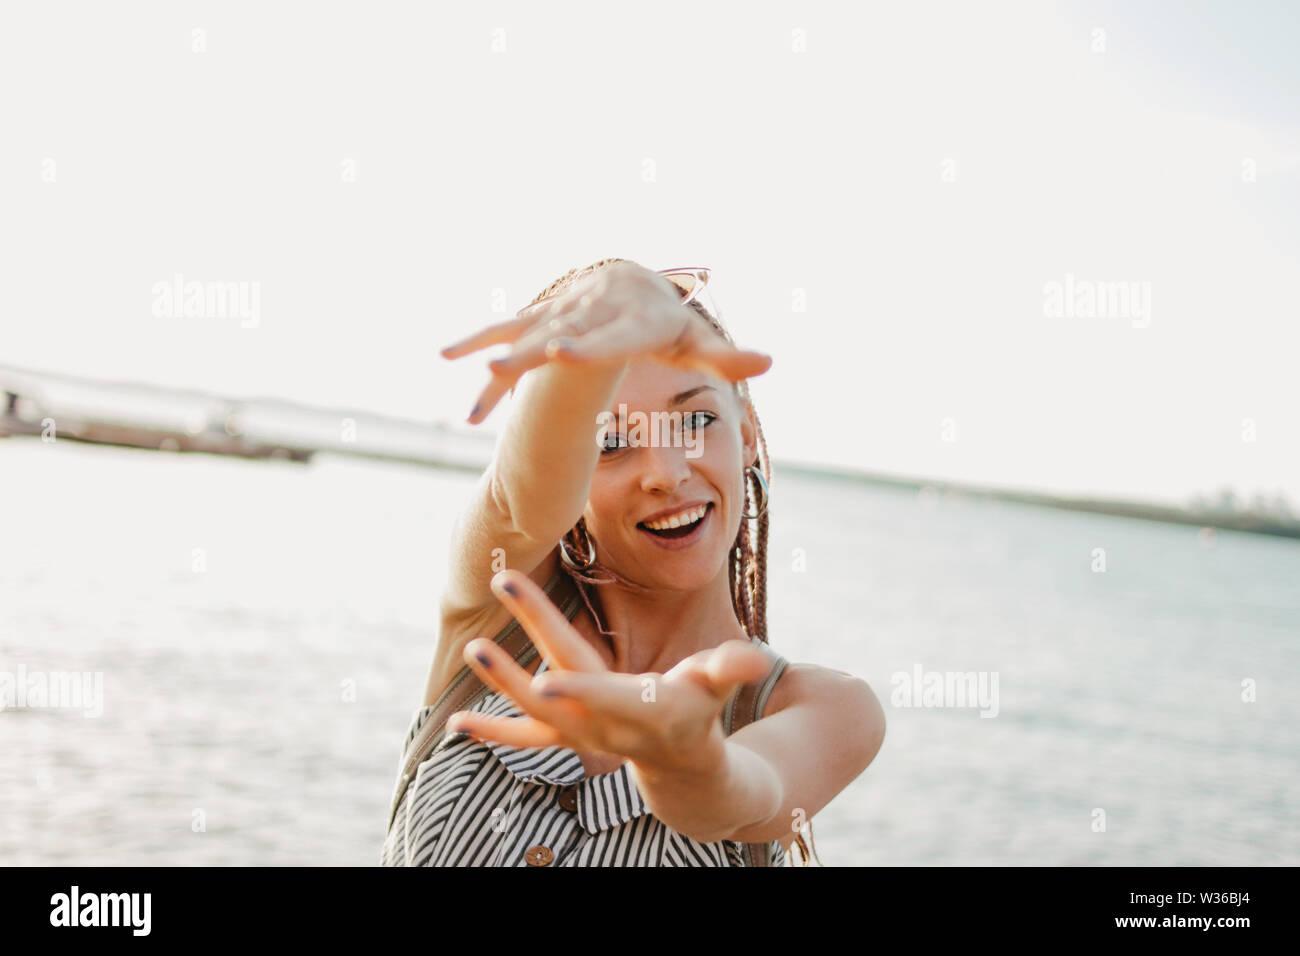 Felice di spensierata giovane donna con trecce africane godere la sua vita sulla spiaggia, estate tempo di vacanza Foto Stock